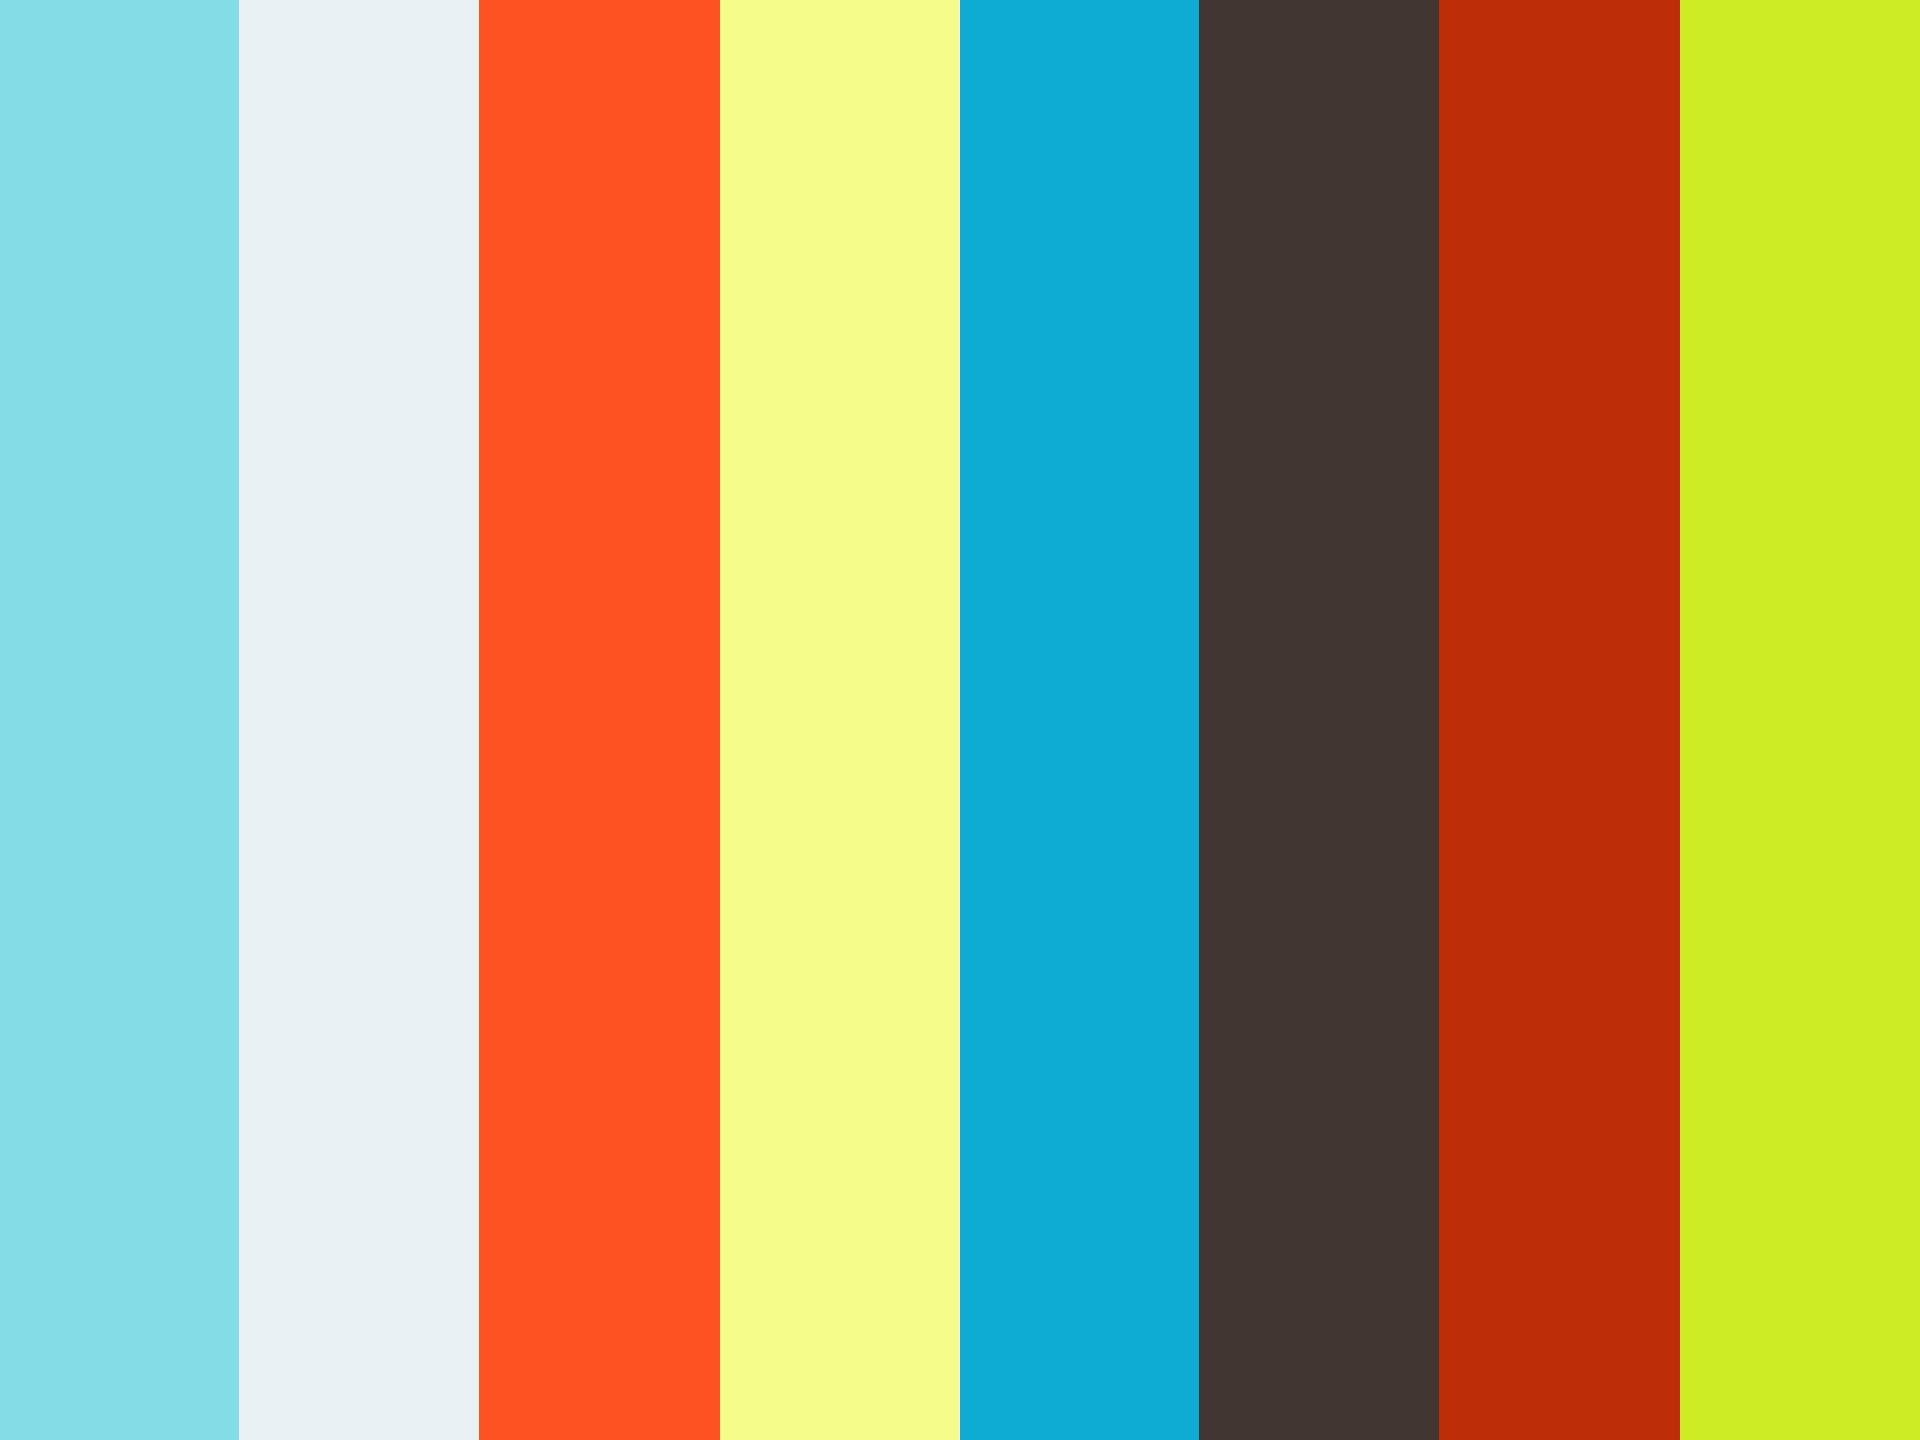 IPS e.max ジルキャド MT マルチ チェアサイドブロック草間幸夫先生によるビデオセミナー 【全10動画】 #9 スピードセムPlus:酸化ジルコニウム修復物への接着とまとめ